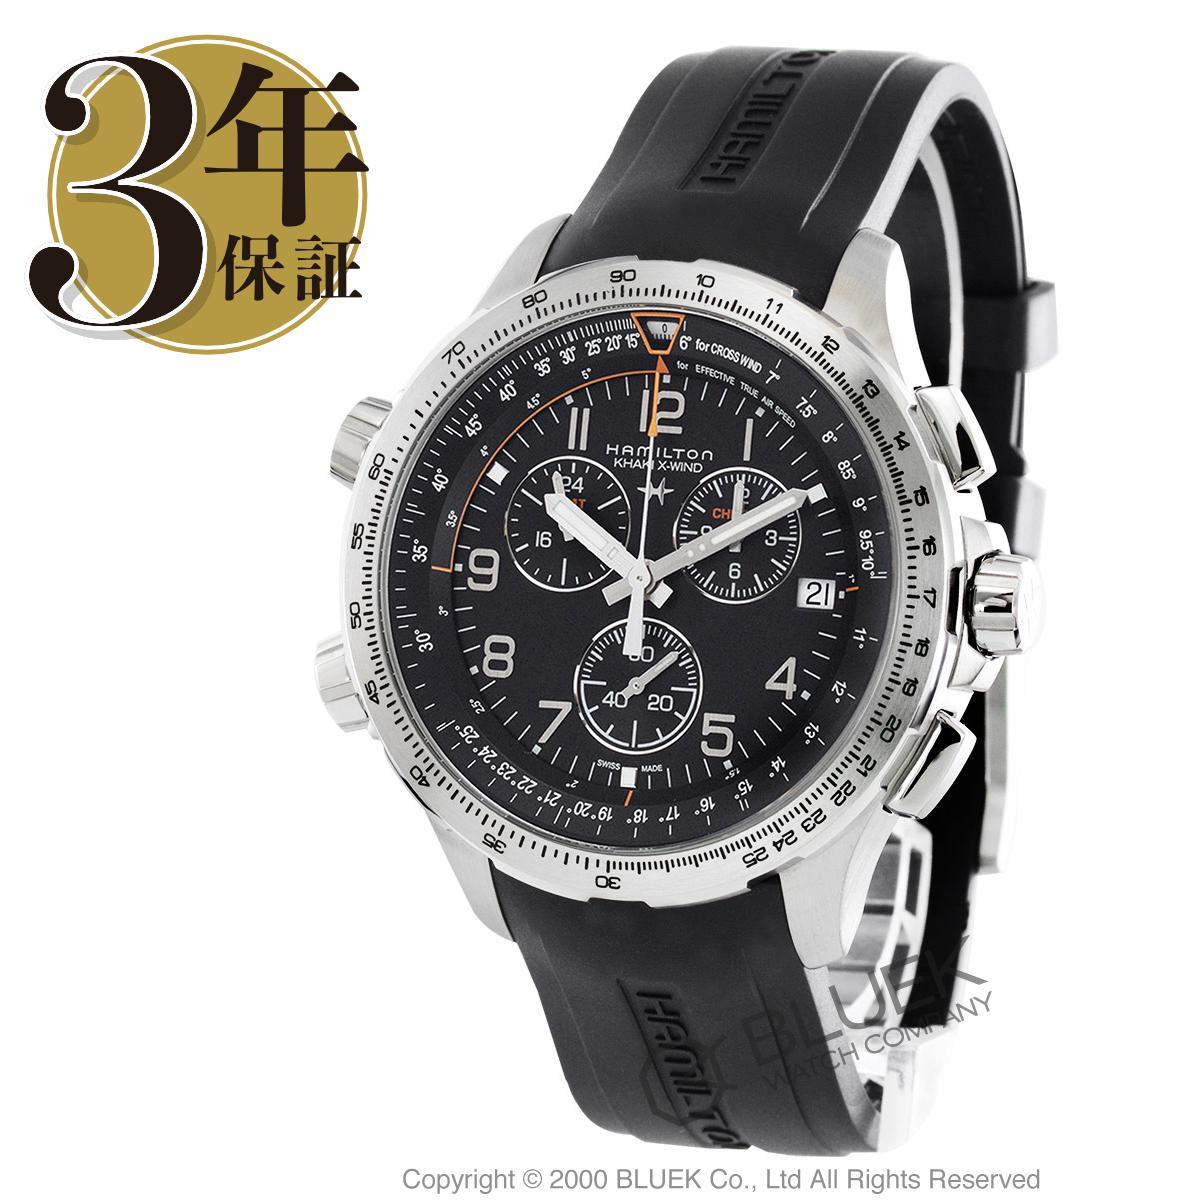 ハミルトン カーキ アビエーション X-ウィンド クロノグラフ GMT 腕時計 メンズ HAMILTON H77912335_8 バーゲン 成人祝い ギフト プレゼント